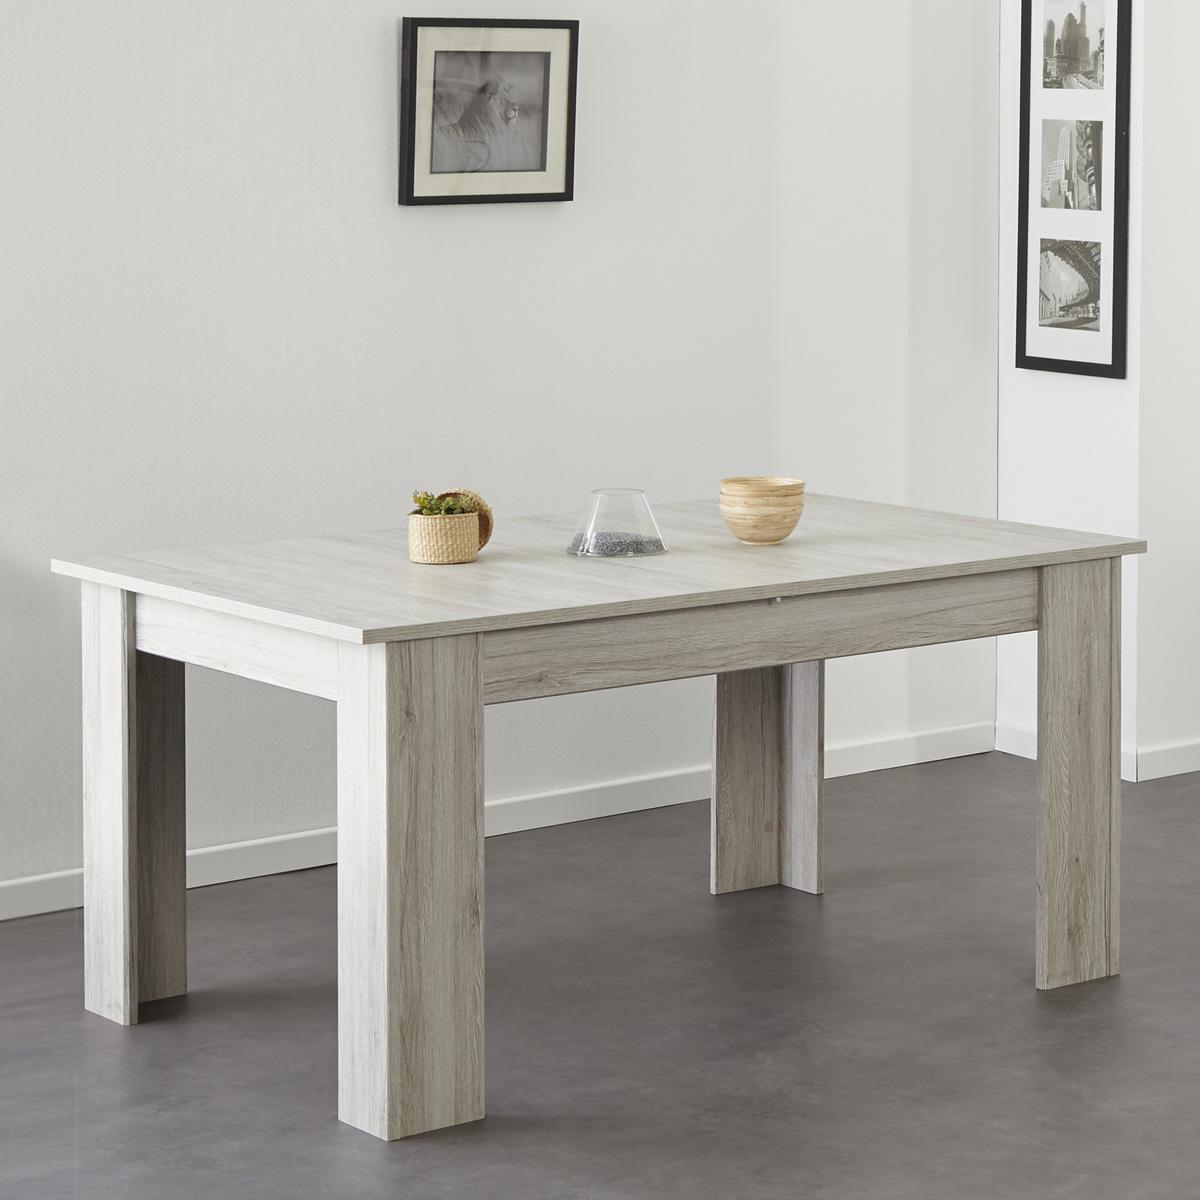 esstisch luneo tisch esszimmertisch ausziehbar in. Black Bedroom Furniture Sets. Home Design Ideas